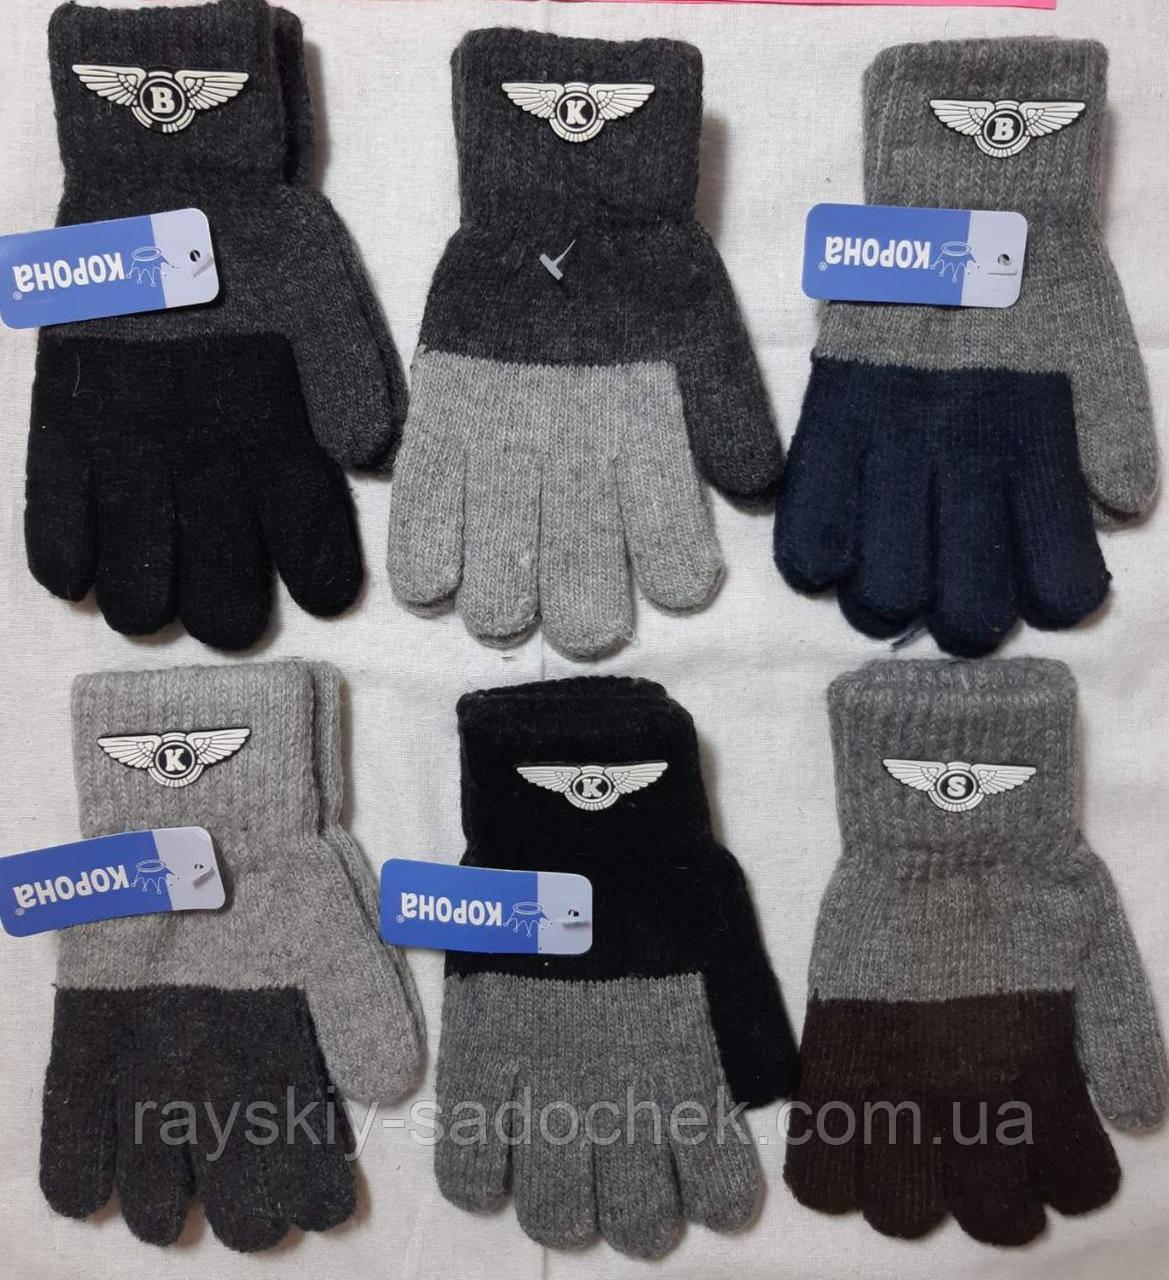 Одинарна дитяча рукавичка хлопчик Корона( осінь - зима ) 8 - 11 років